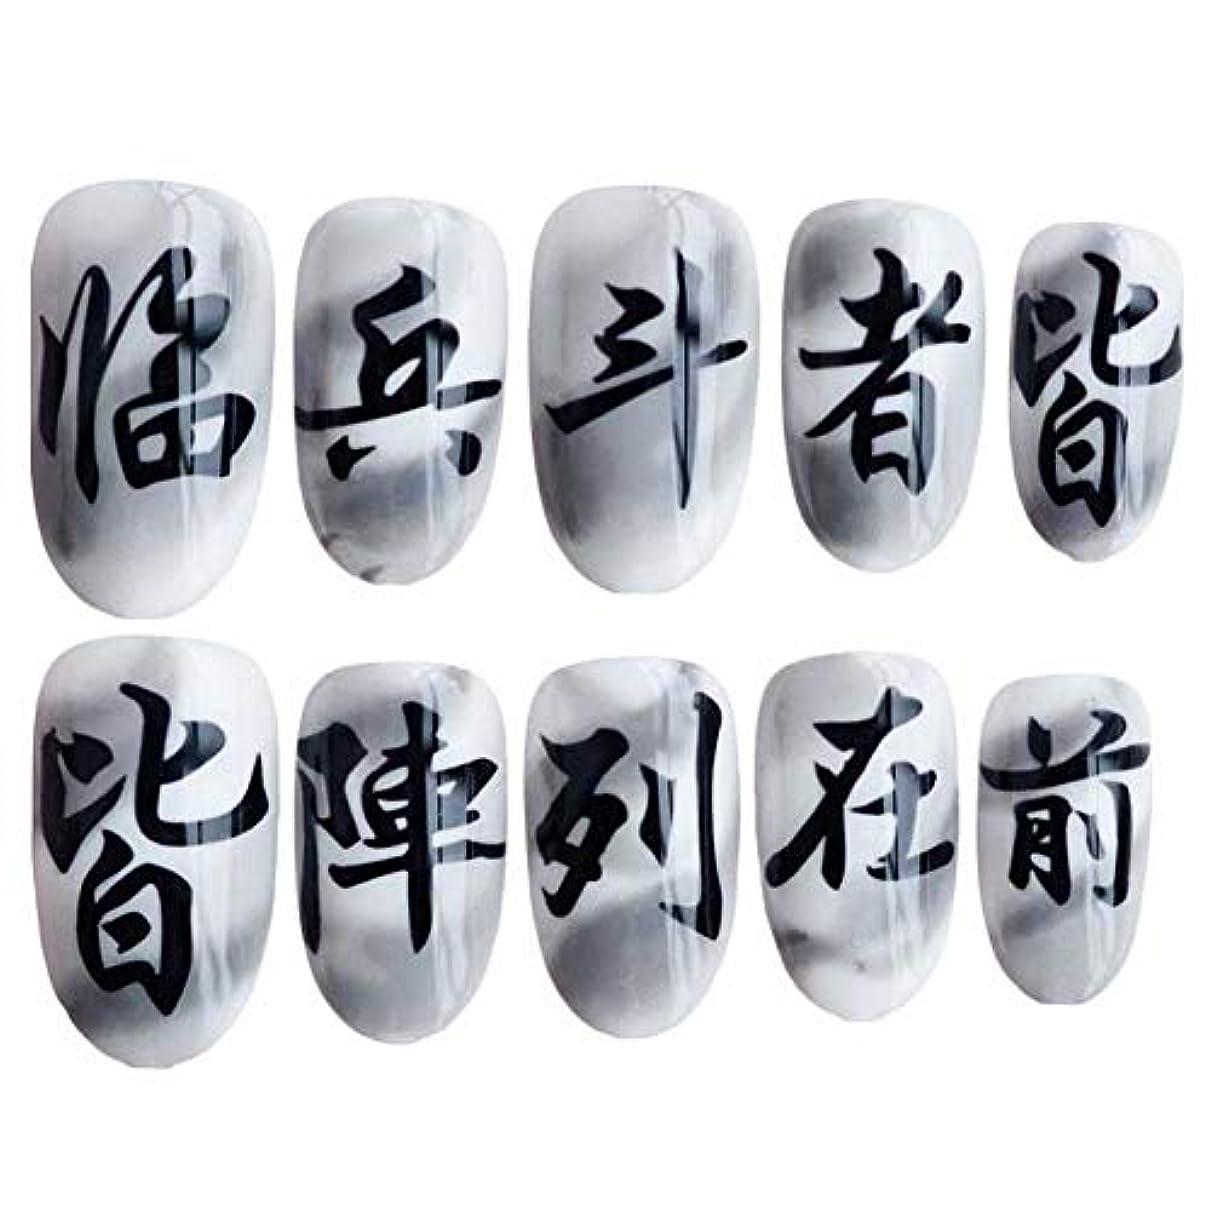 終点近傍カートリッジ中国語文字灰色/白い偽爪爪人工爪装飾爪のヒント